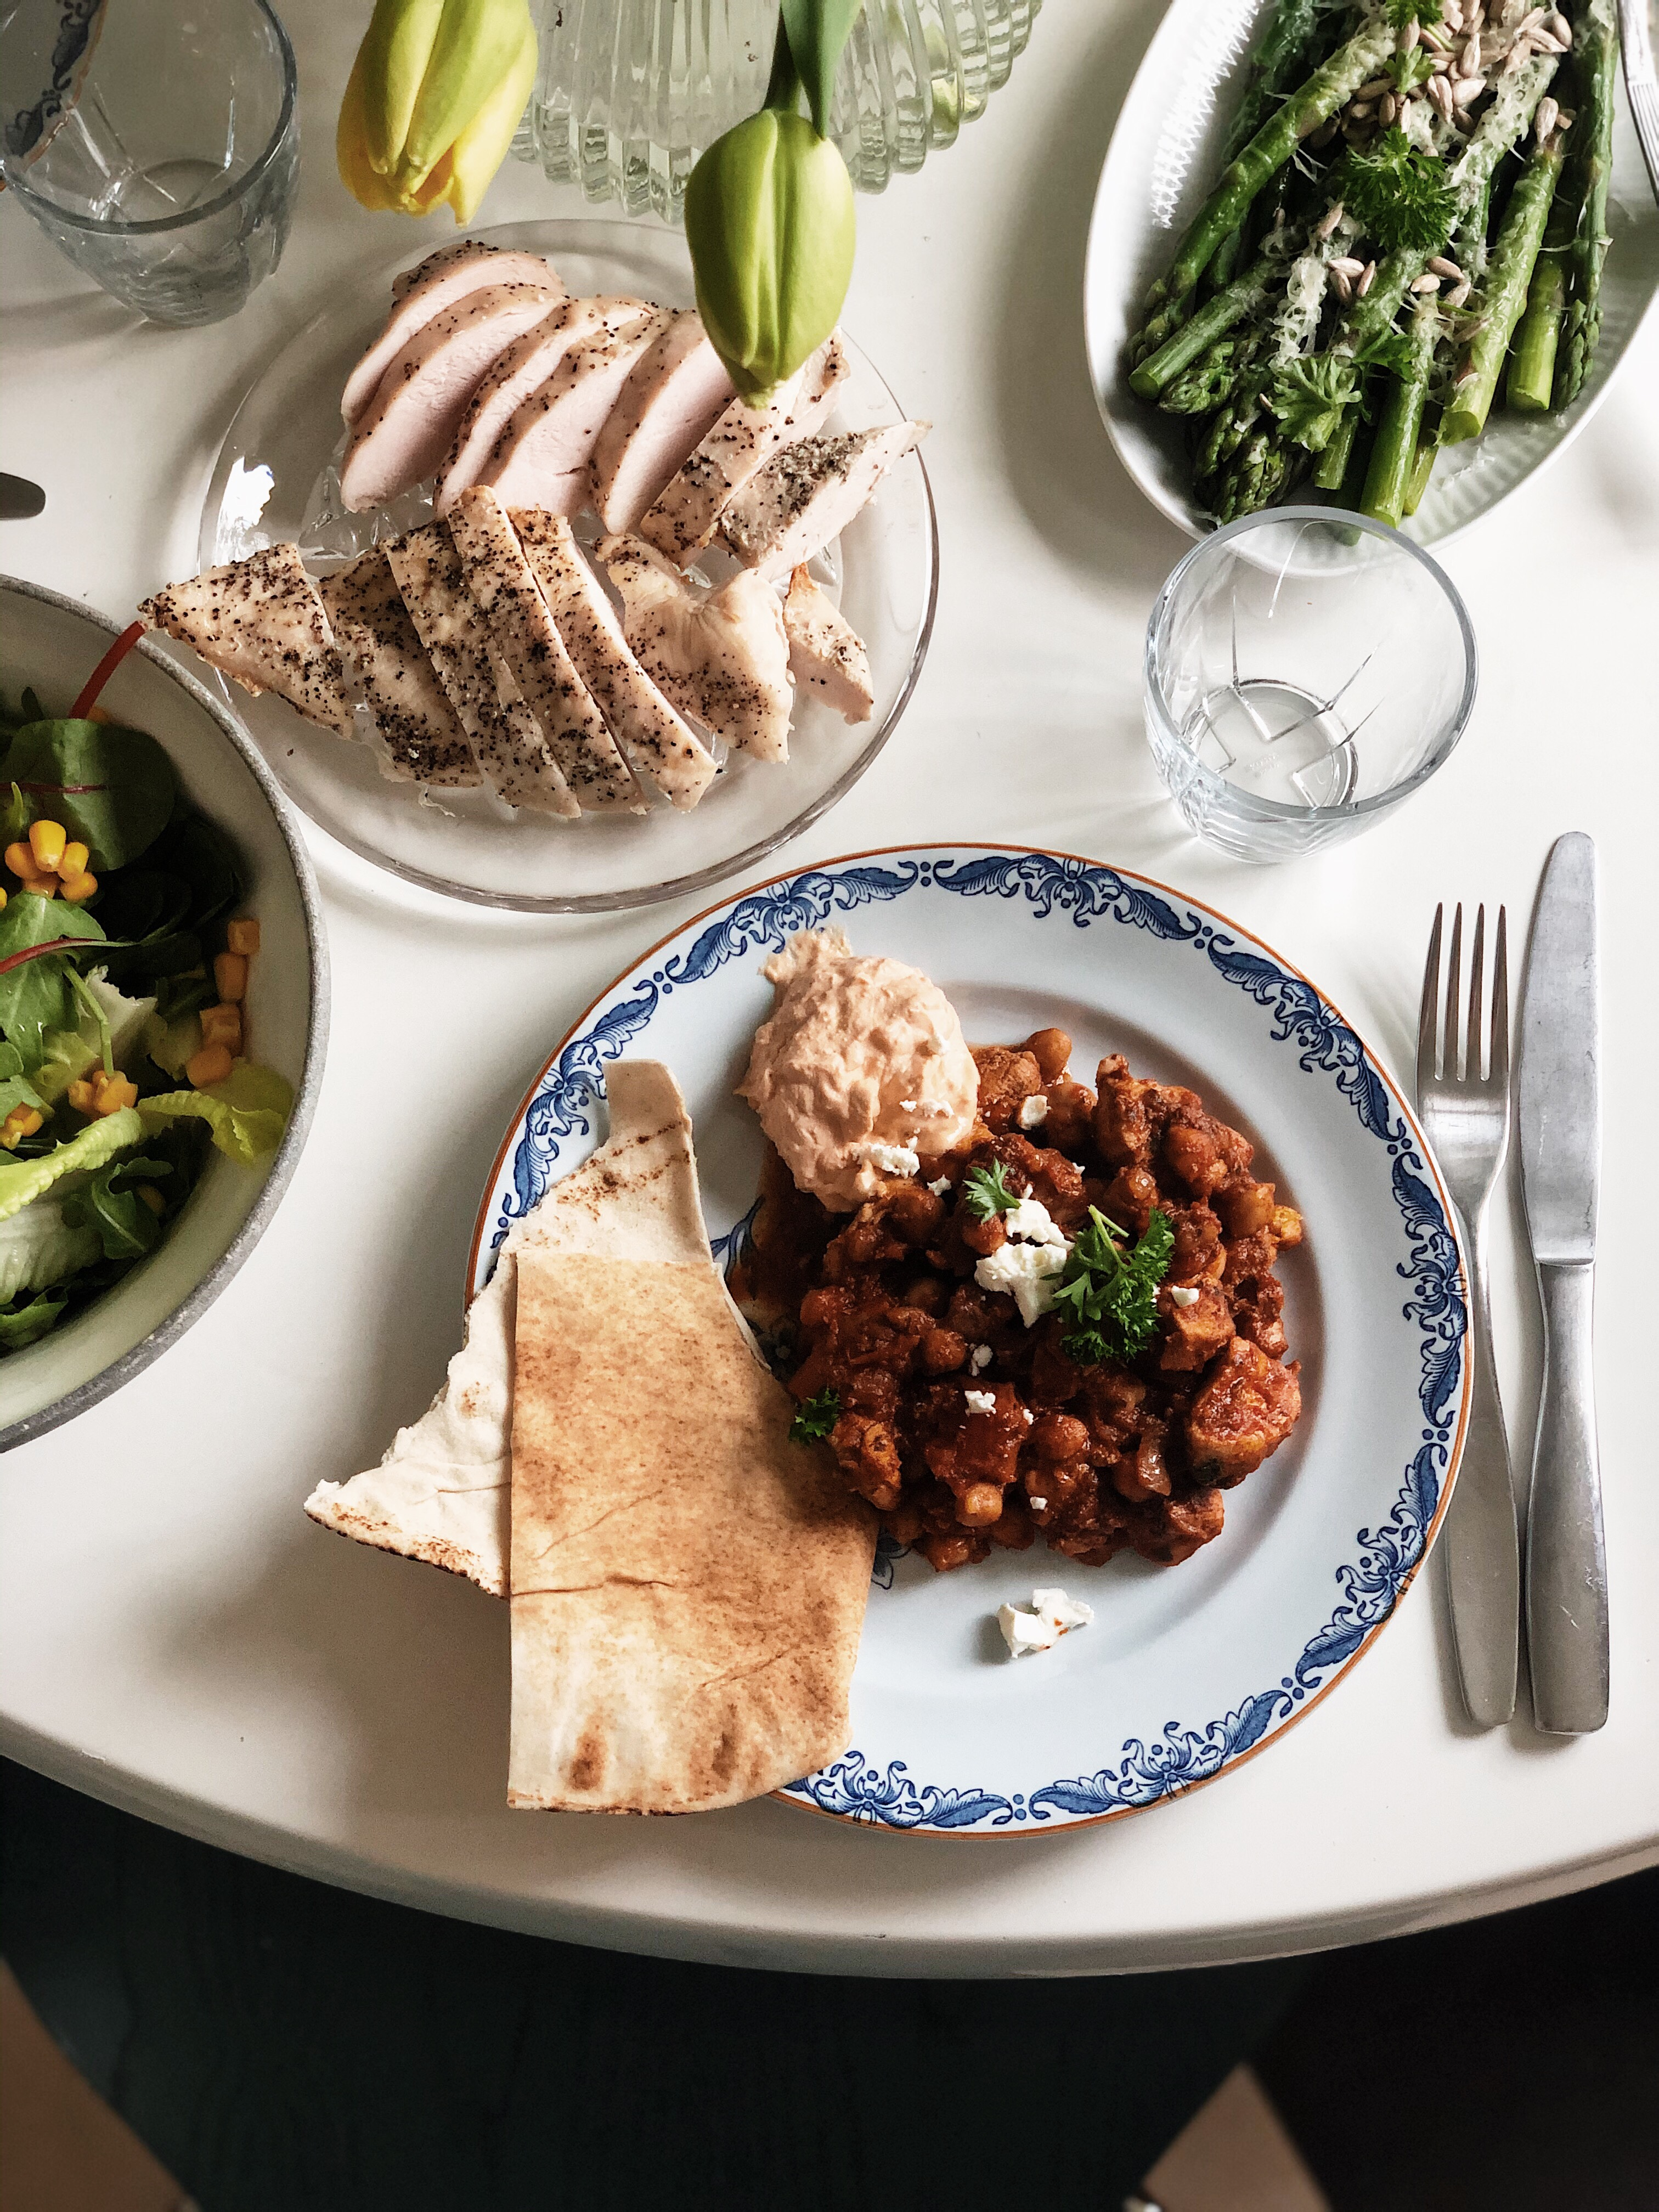 Vardagsmat – Marockansk kikärts- och kycklinggryta